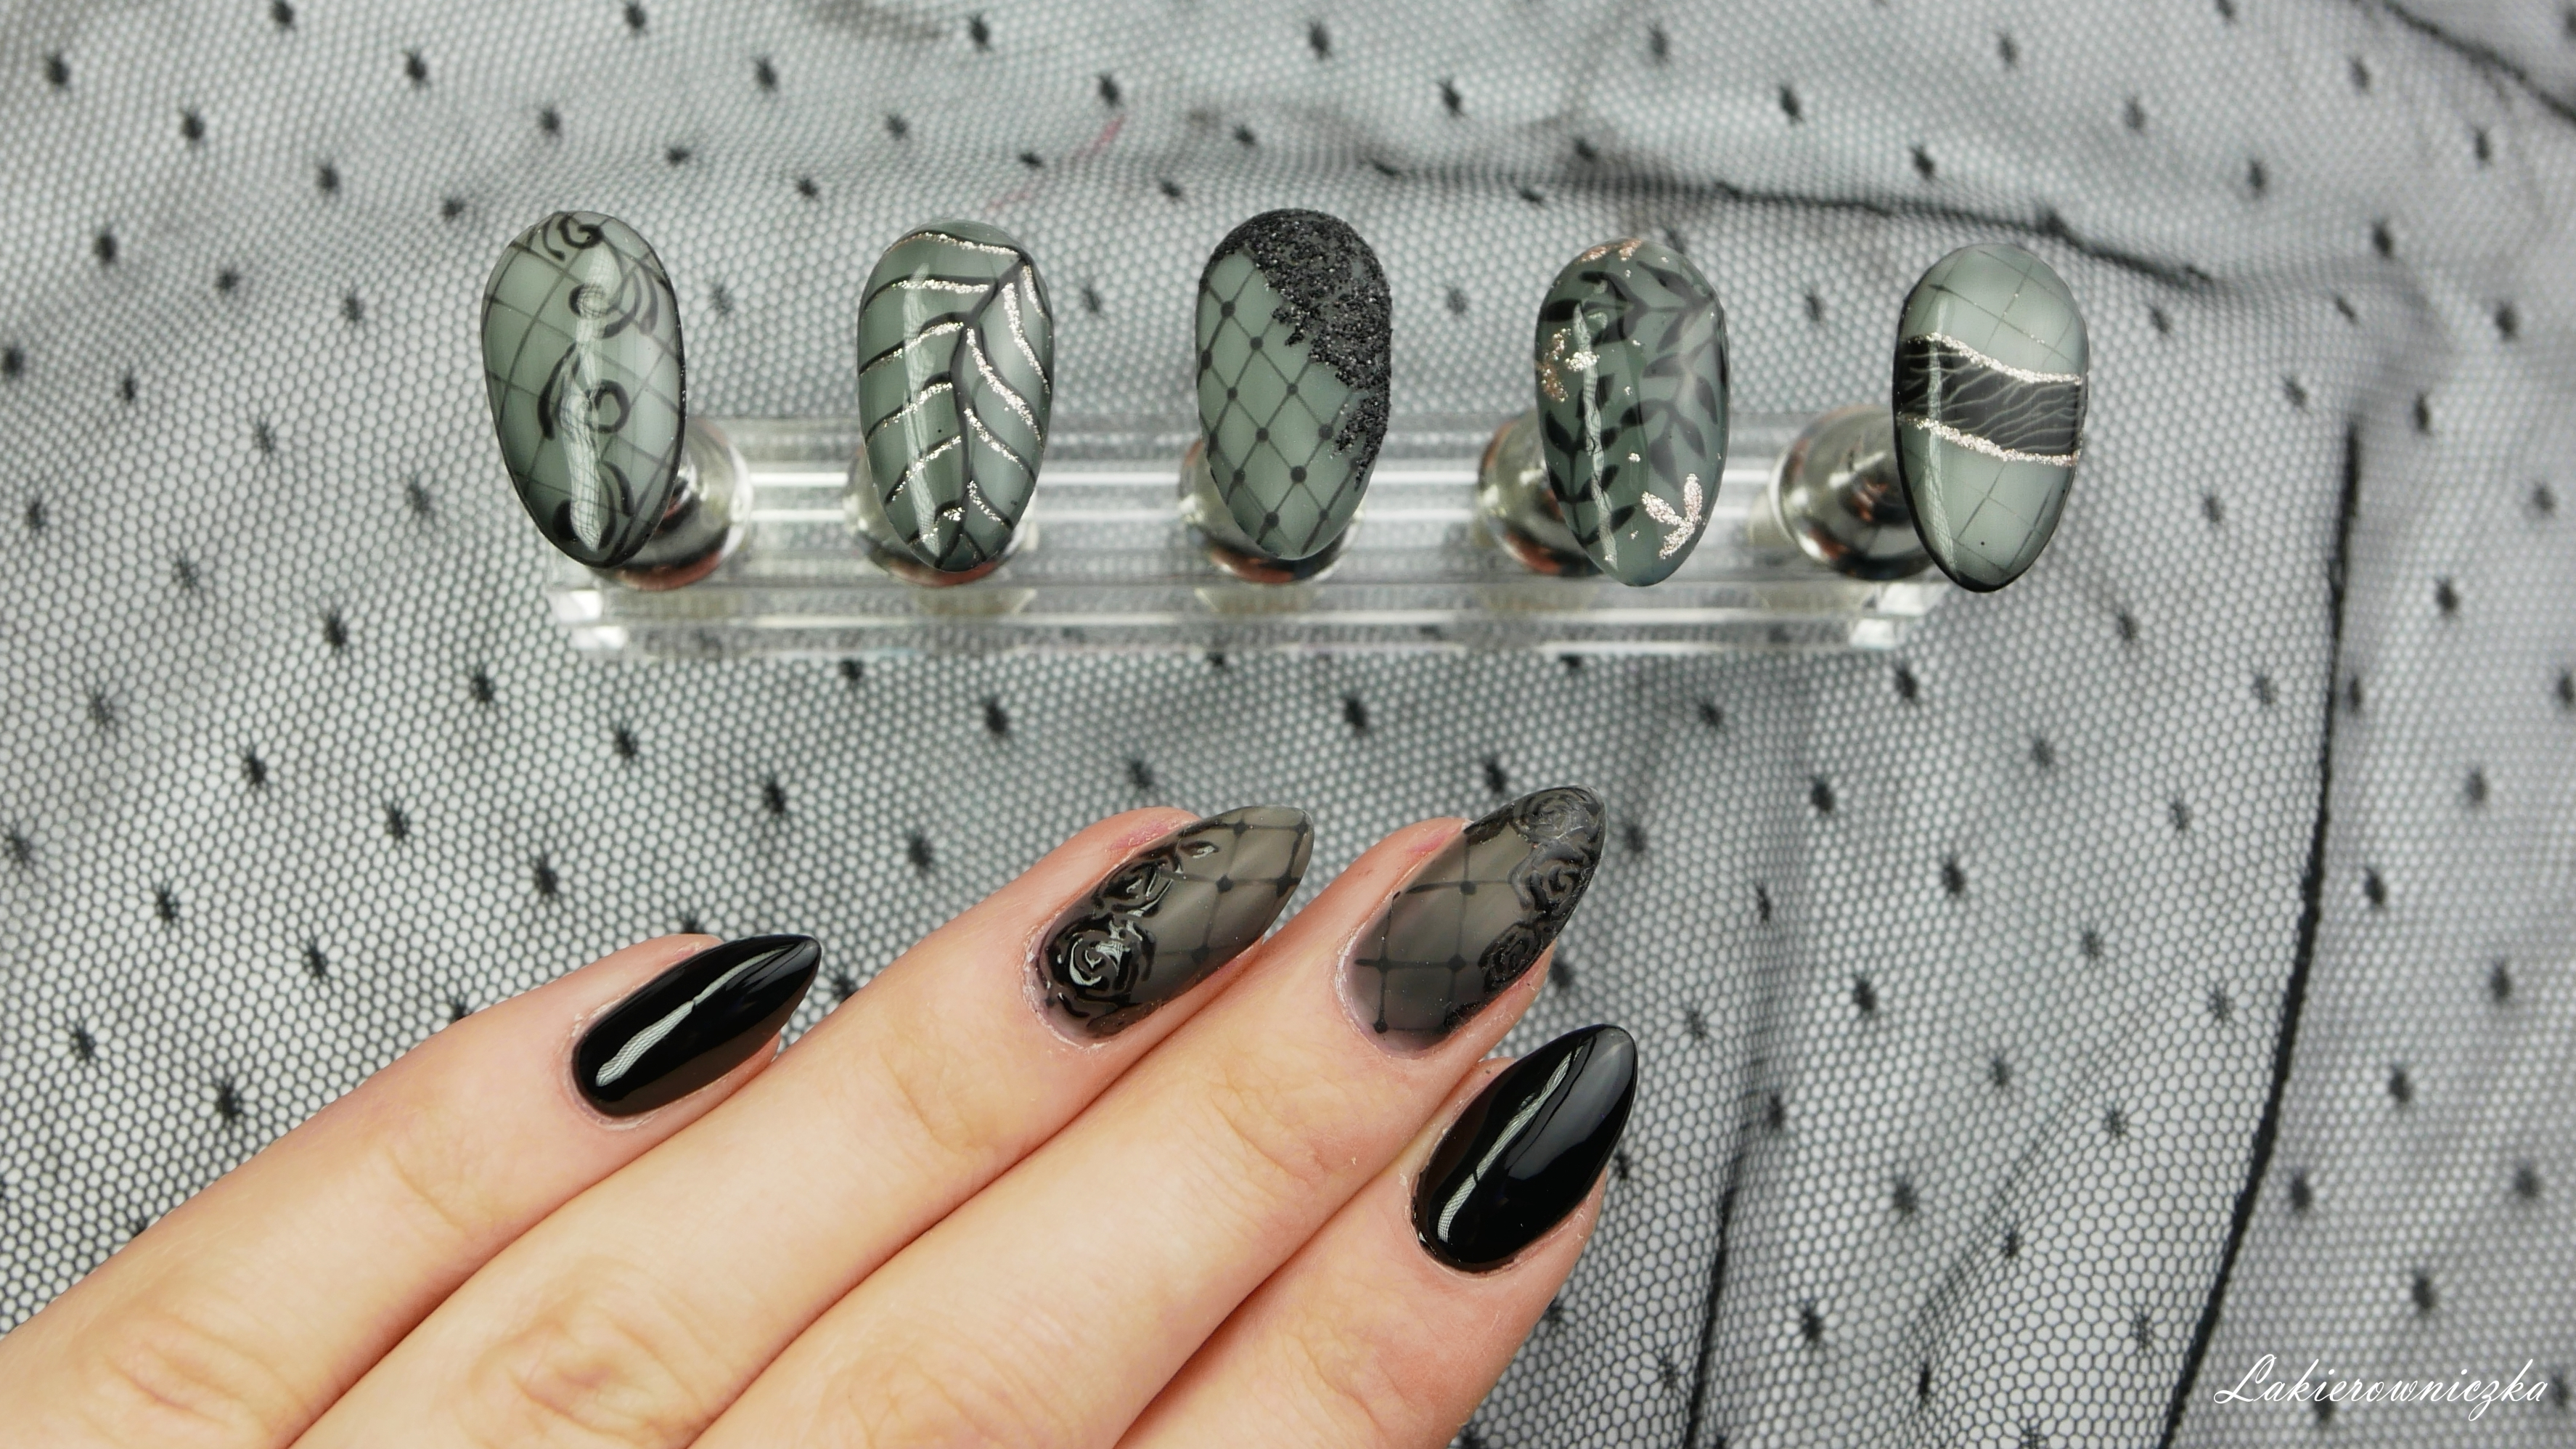 rajstopy-na-paznokciach-koronka-na-hybrydzie-rajstopowe-paznokcie-koronkowe-manitiul-Lakierowniczka